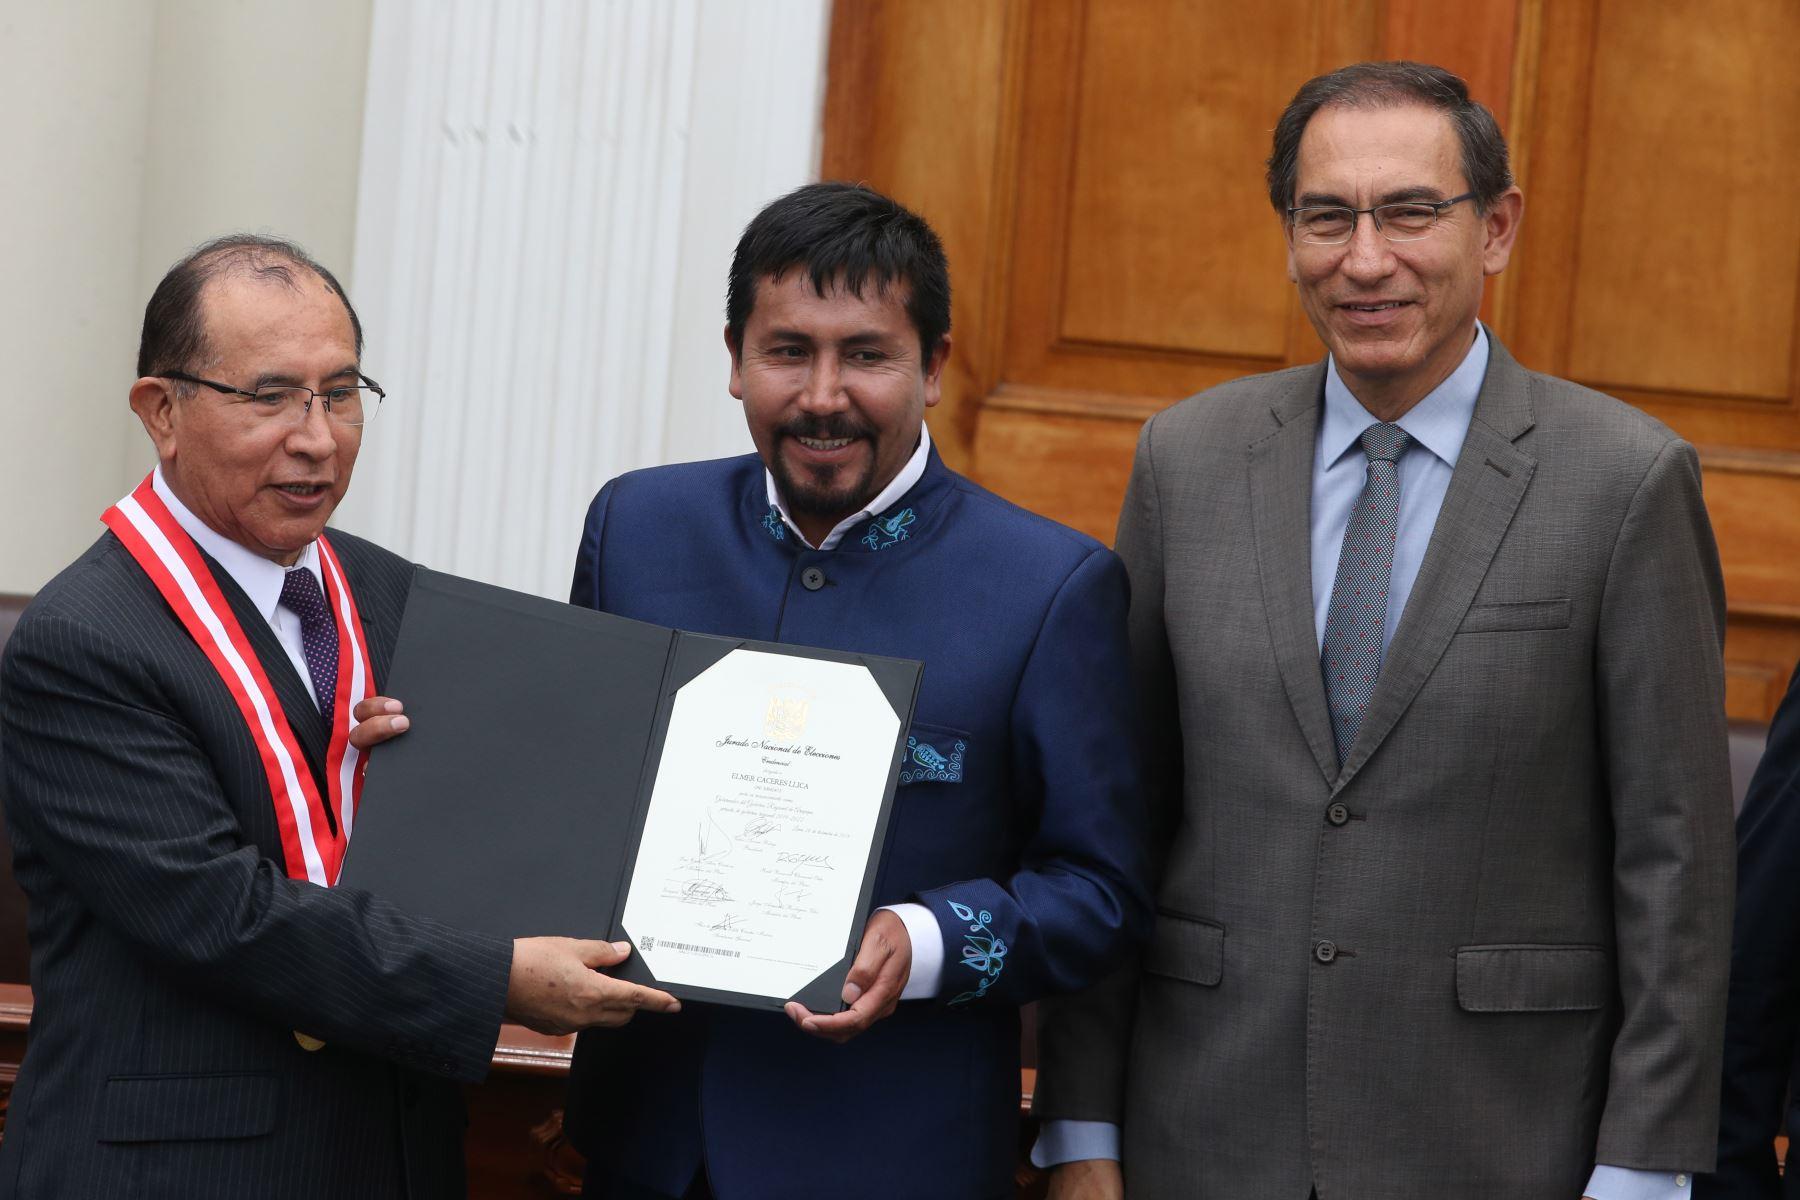 Elmer Cáceres Llica, conducirá el Gobierno Regional de Arequipa durante el período 2019-2022. Foto: ANDINA/Vidal Tarqui